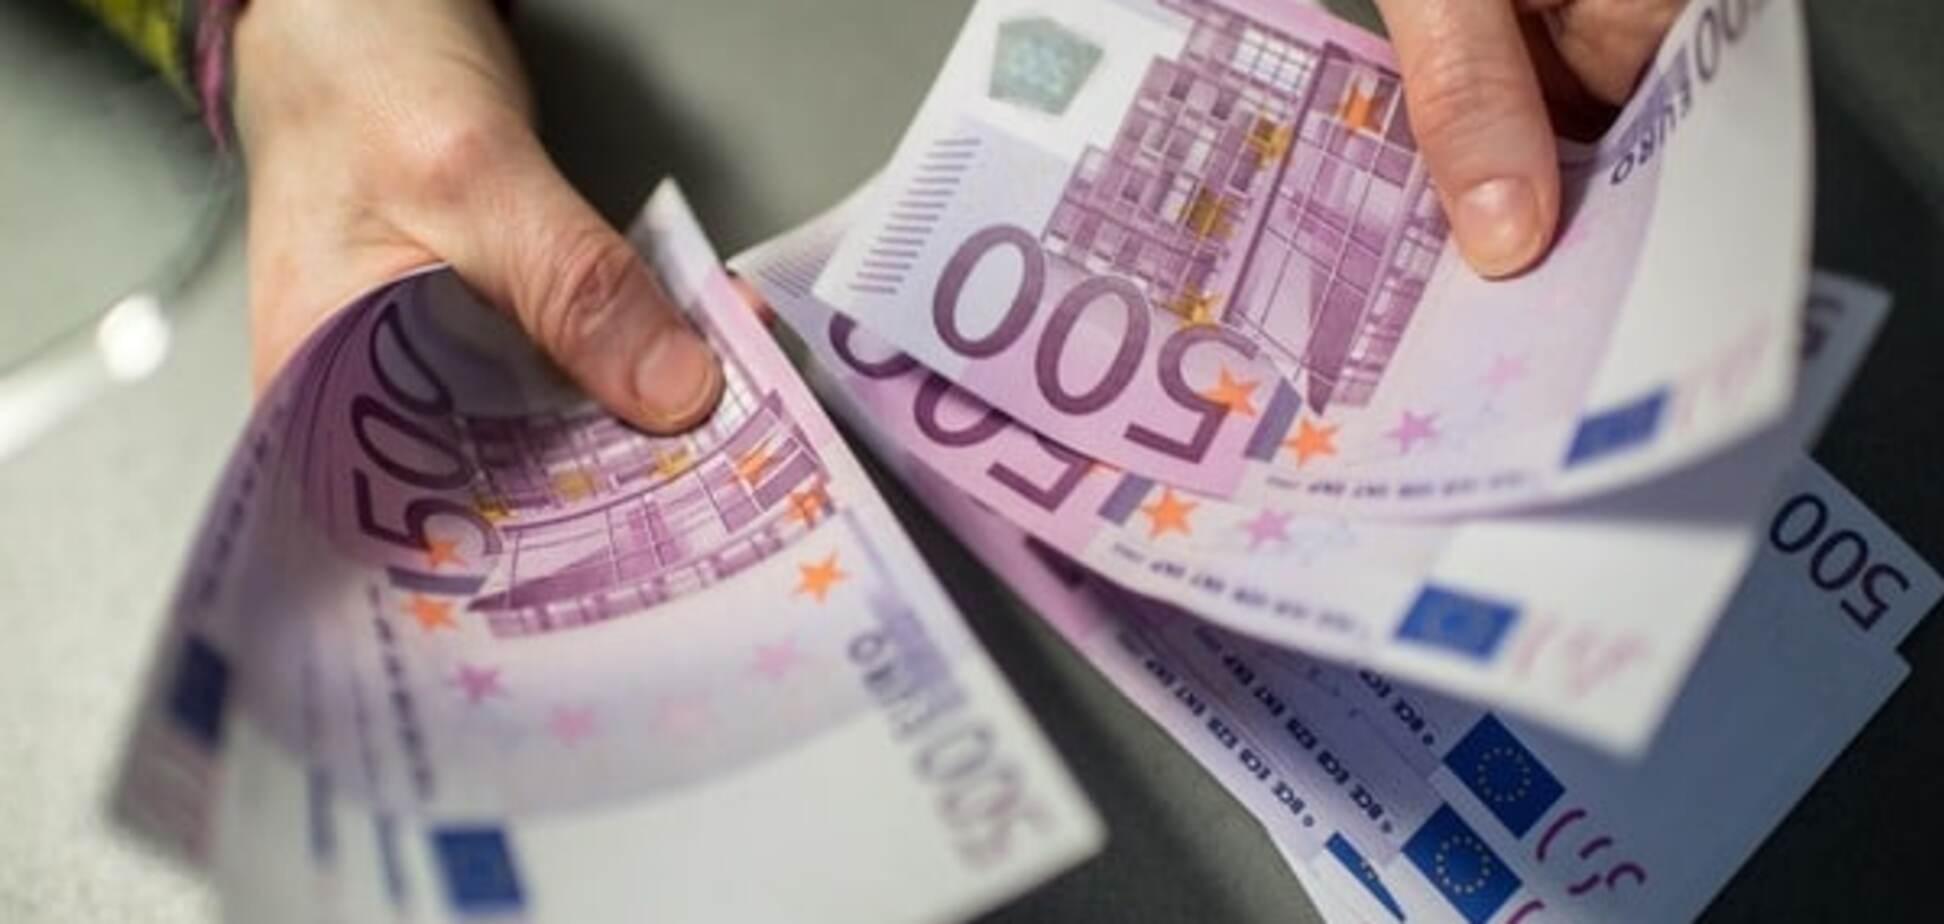 'Щоб не було соромно': Порошенку запропонували перевести Україну на євро